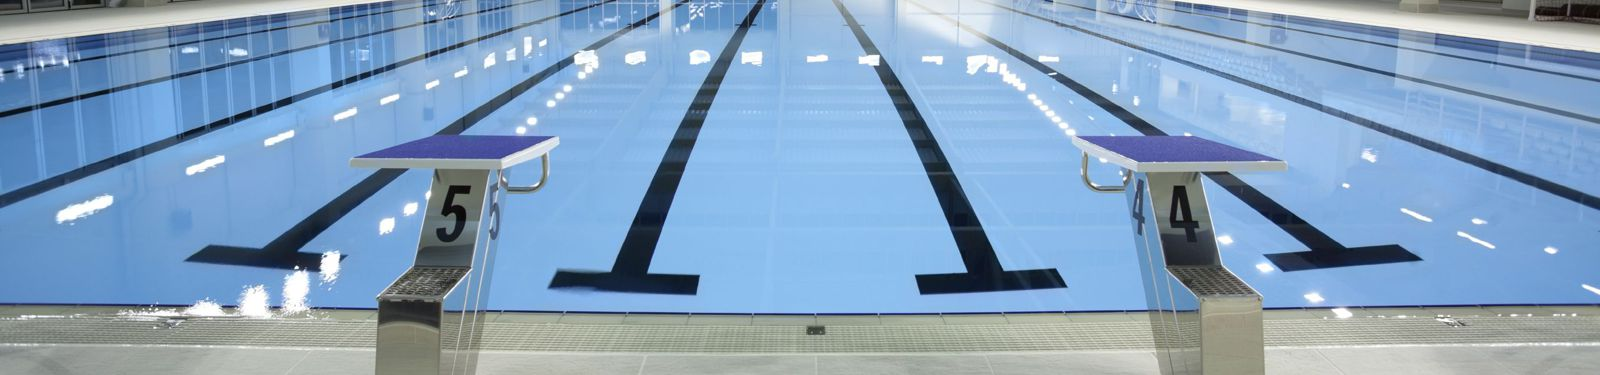 Probenahme von Schwimm- und Badebeckenwasser